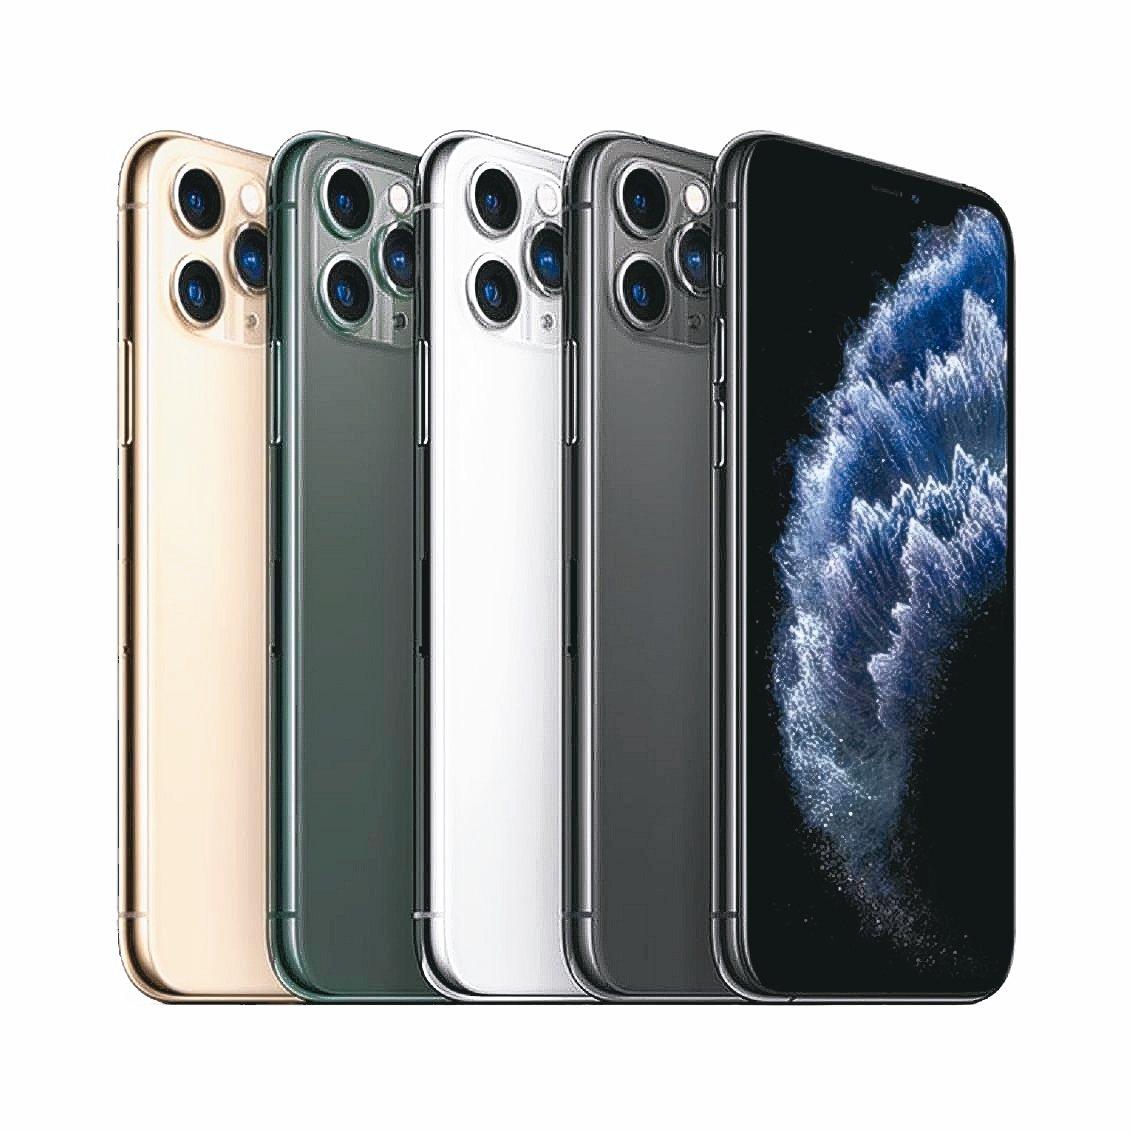 美券商表示iPhone 11 Pro和Max將會開始調整產品庫存。 圖/取自蘋果...